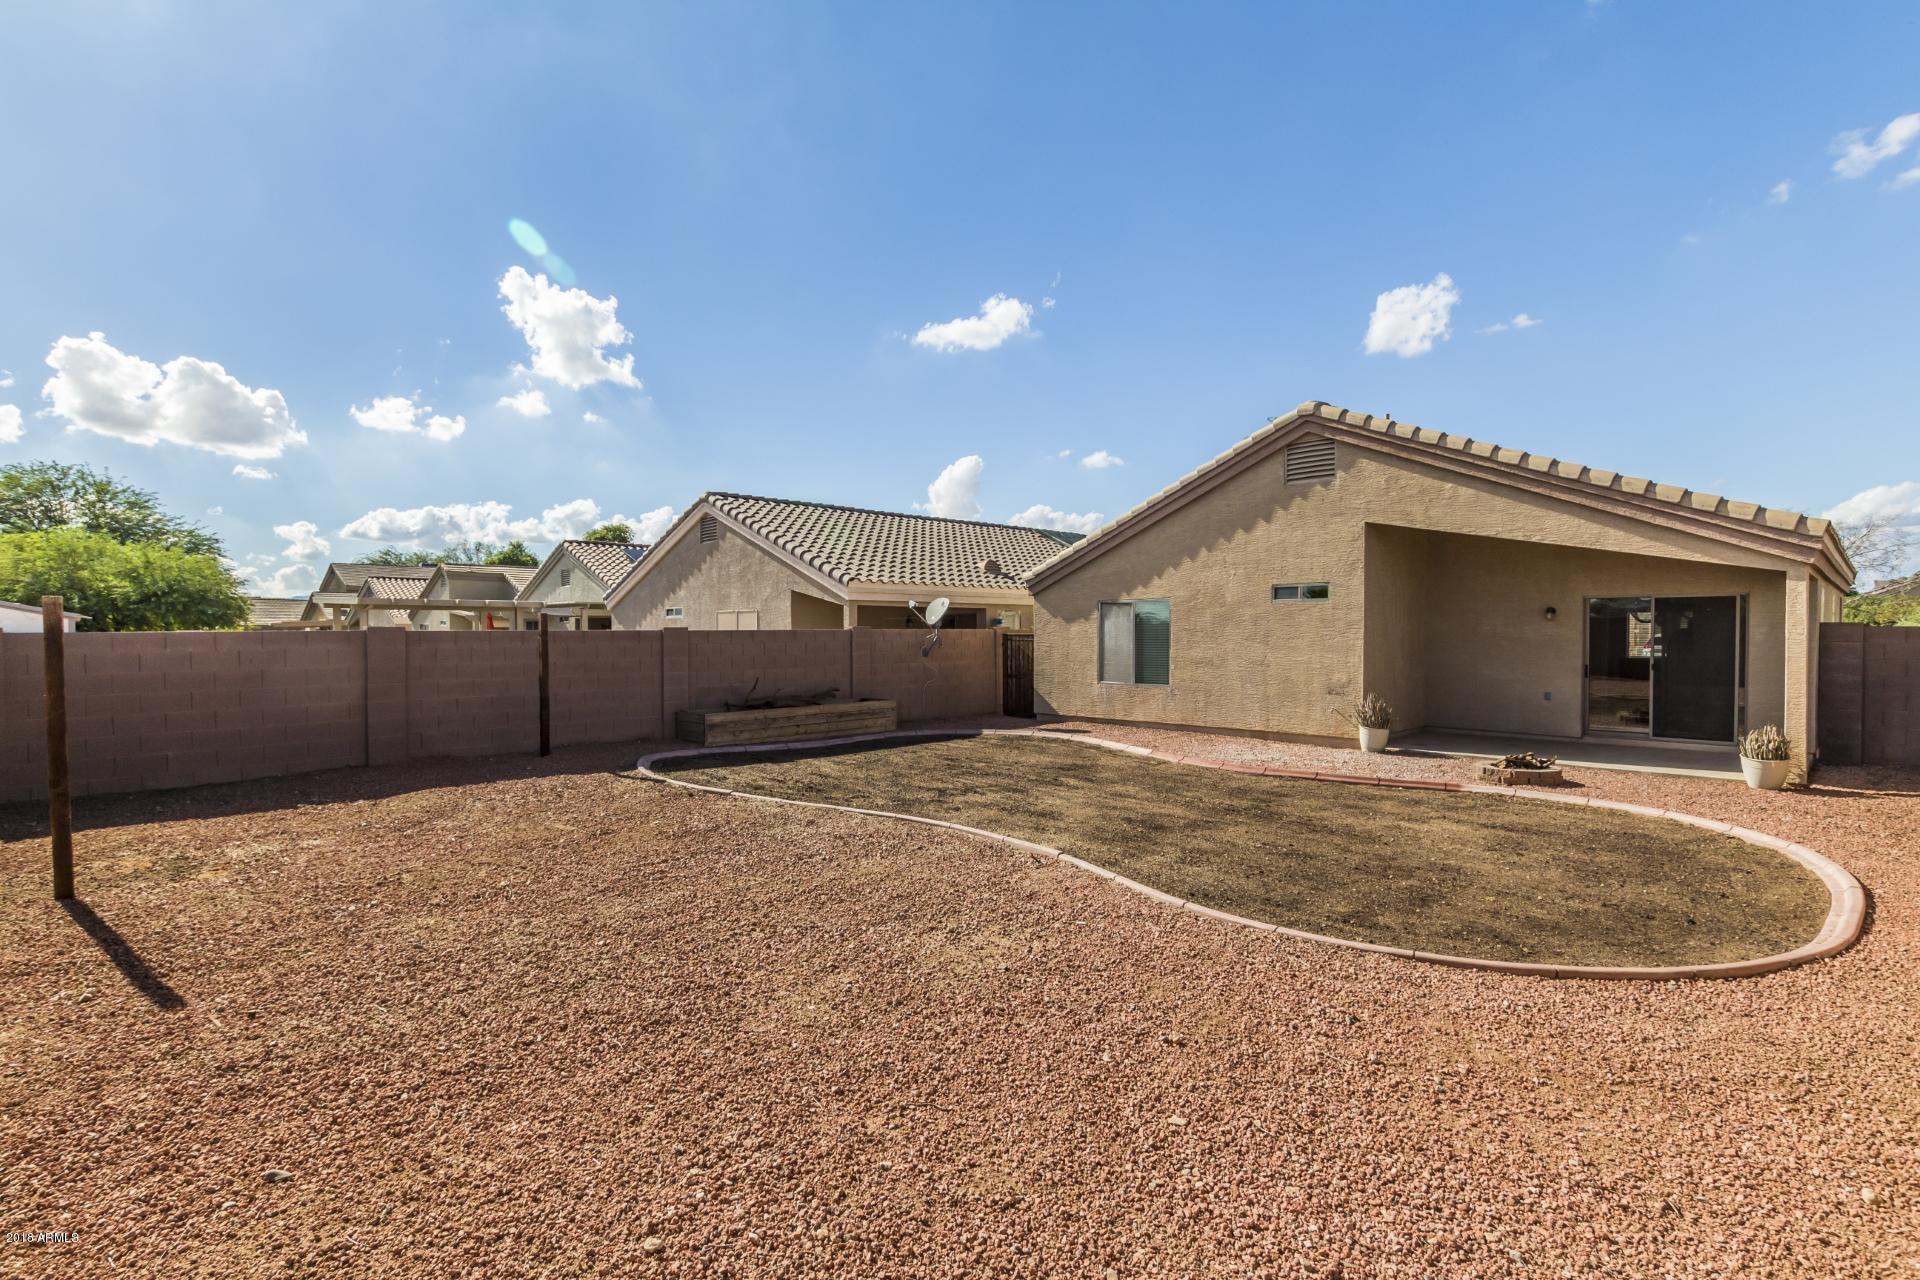 MLS 5829501 12465 W VIA CAMILLE --, El Mirage, AZ 85335 El Mirage AZ Three Bedroom